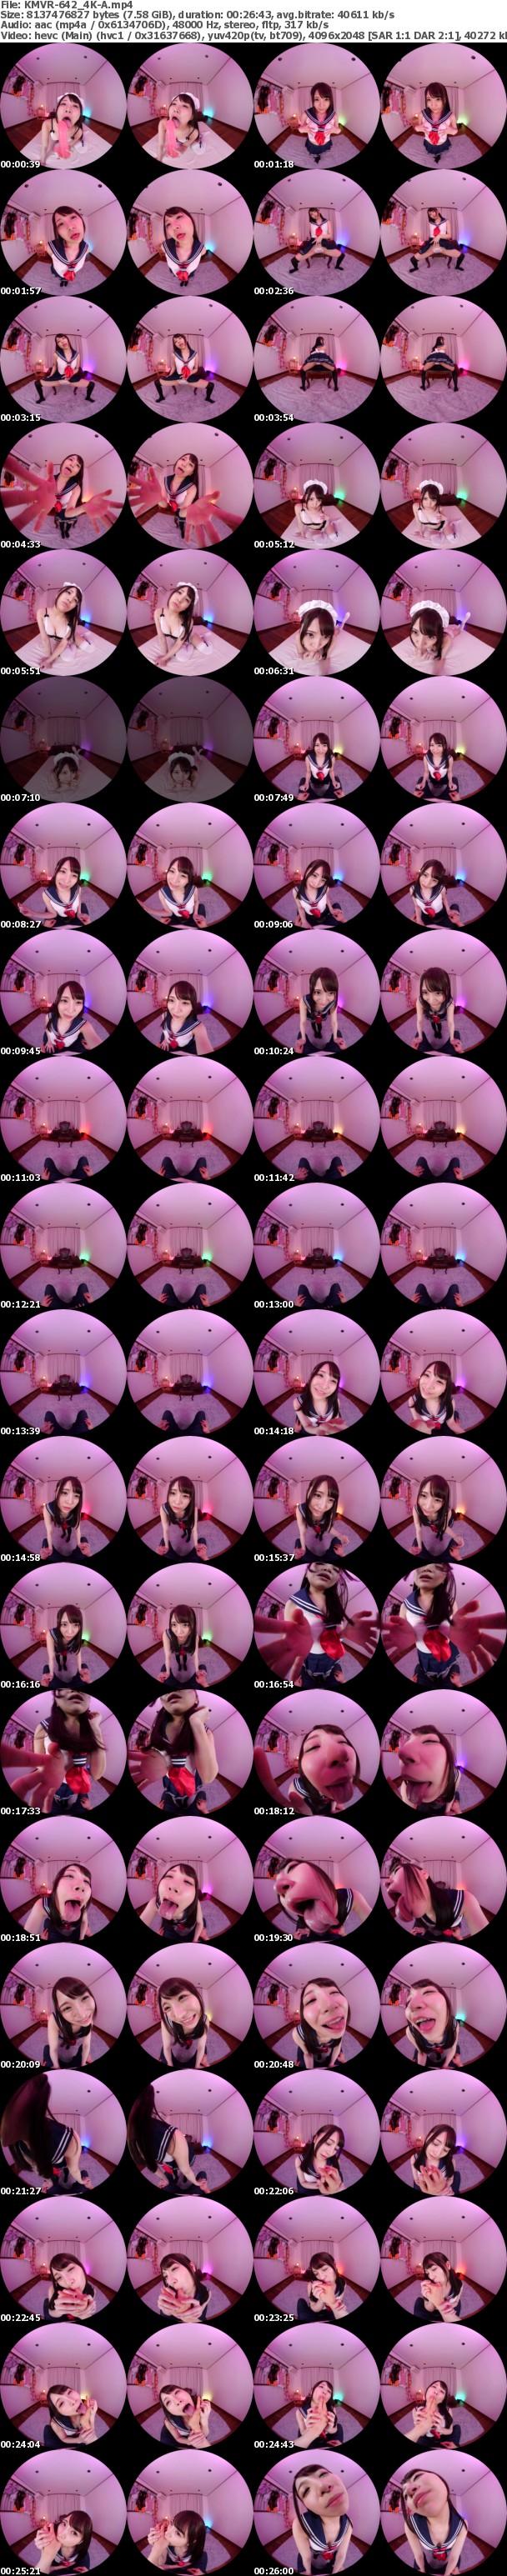 (VR) KVR1906-12 (KMVR-642) 【4K匠】究極のベロテクで顔面をしゃぶり尽くす'舐め専門ヘルス'のNo.1嬢と粘膜絡み合う特濃性交! 加藤ももか